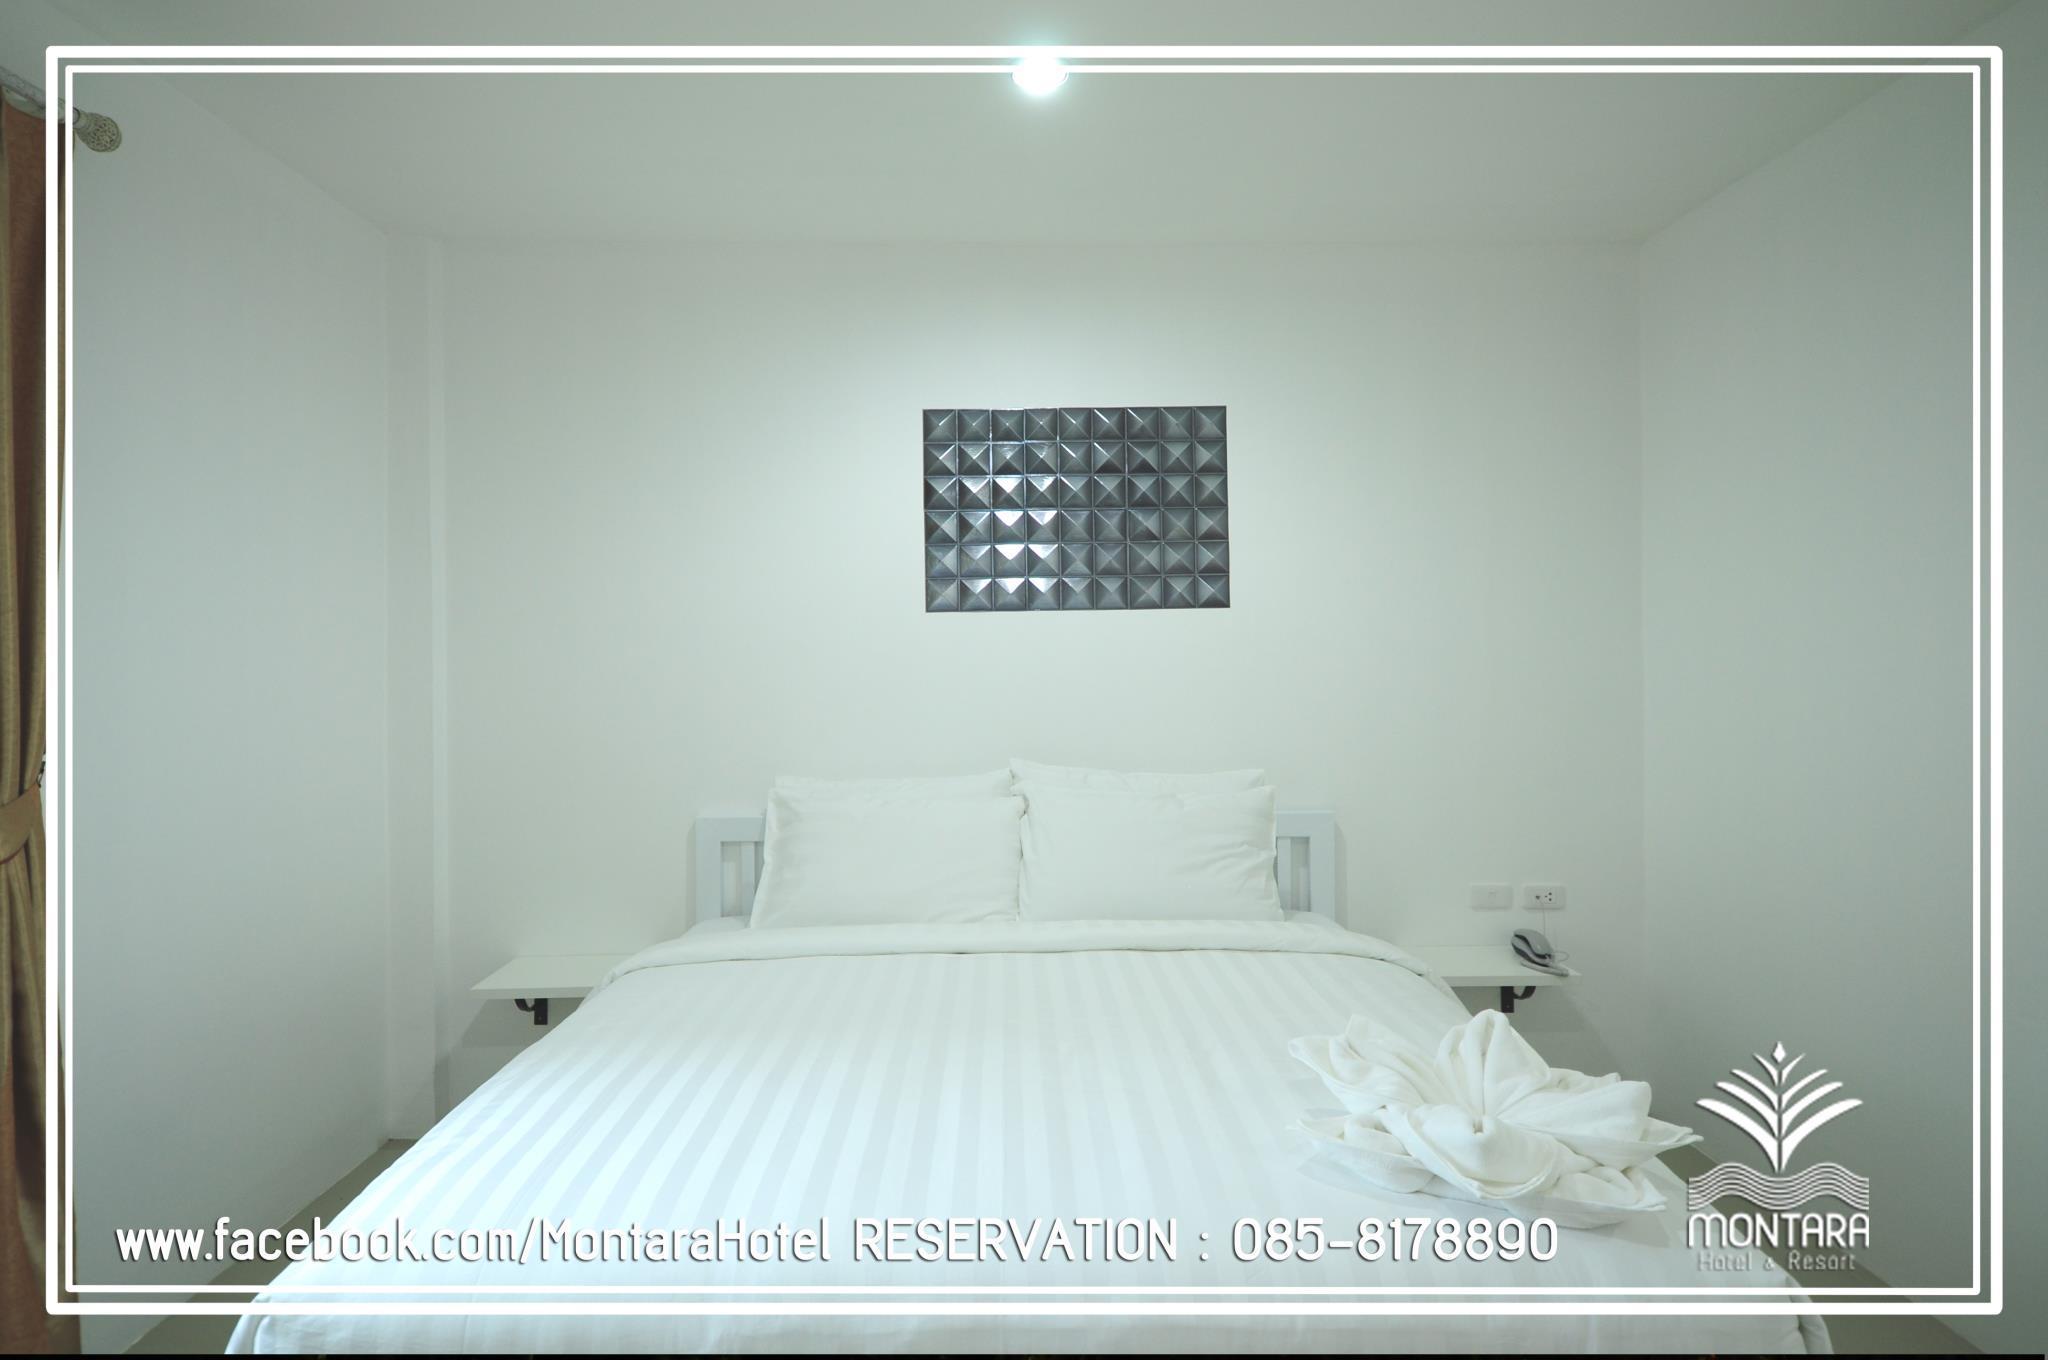 Montara Hotel and Resort Korat, Muang Nakhon Ratchasima